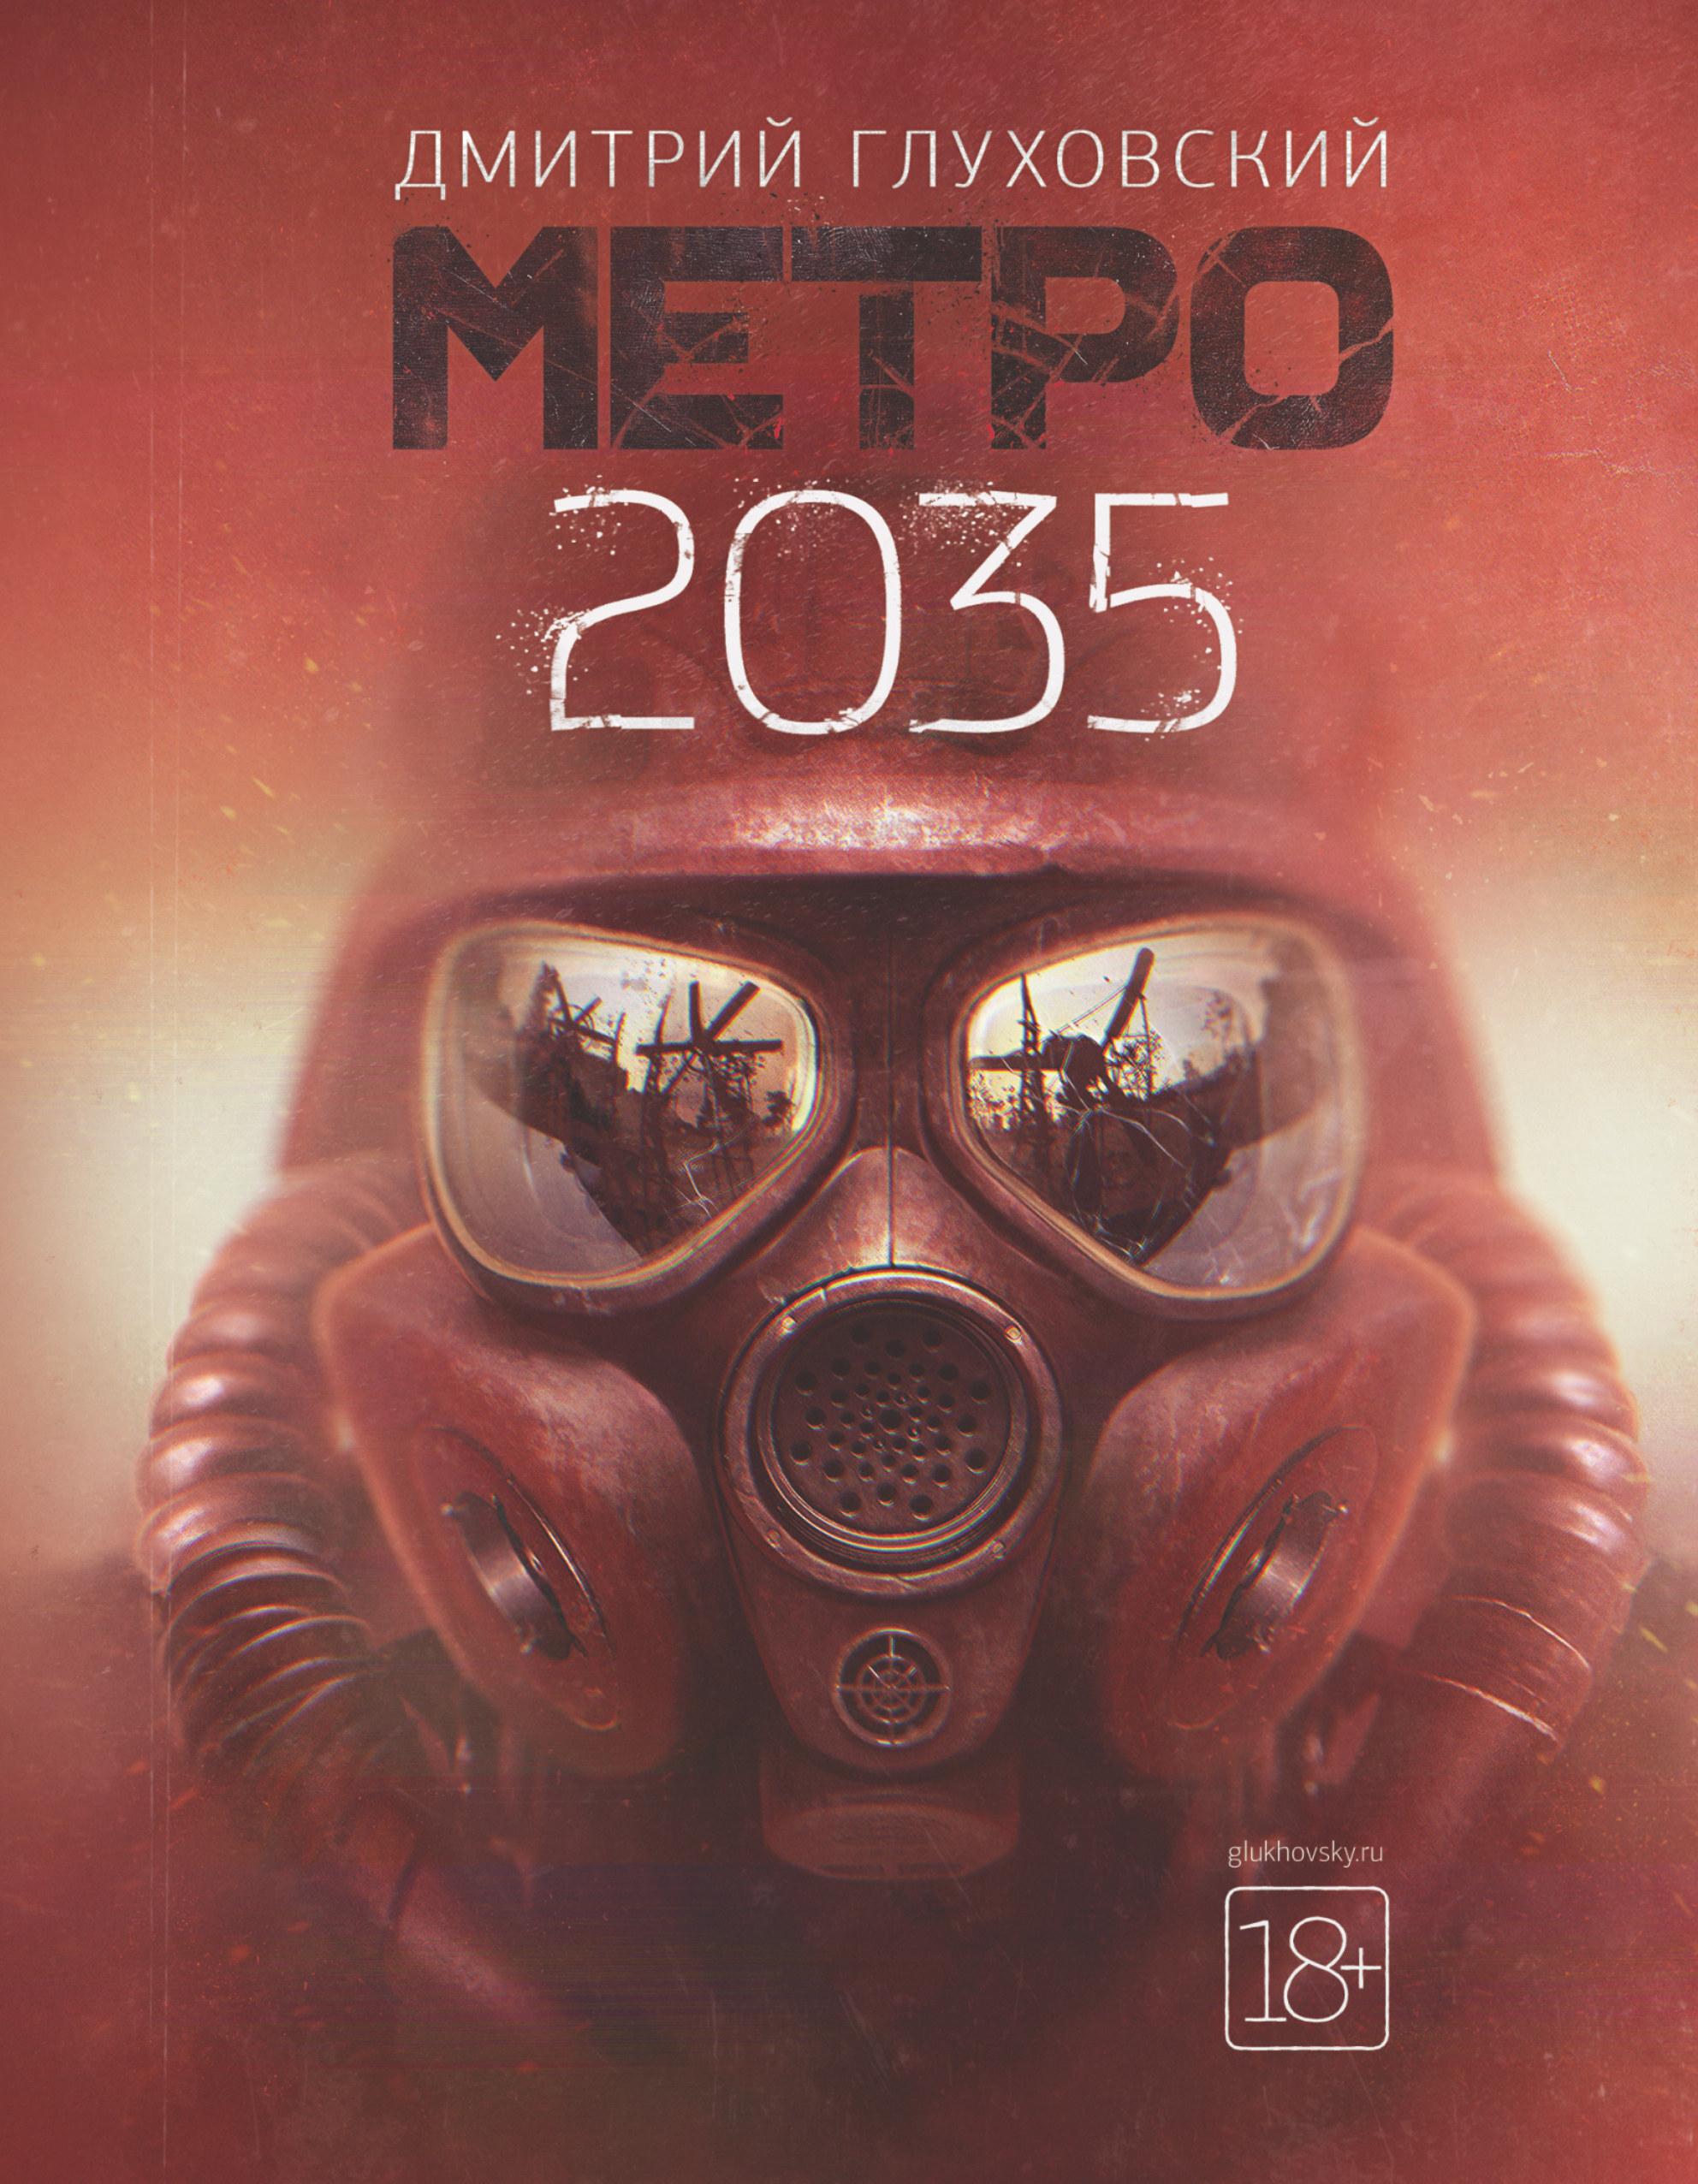 Метро 2035   Глуховский Дмитрий Алексеевич